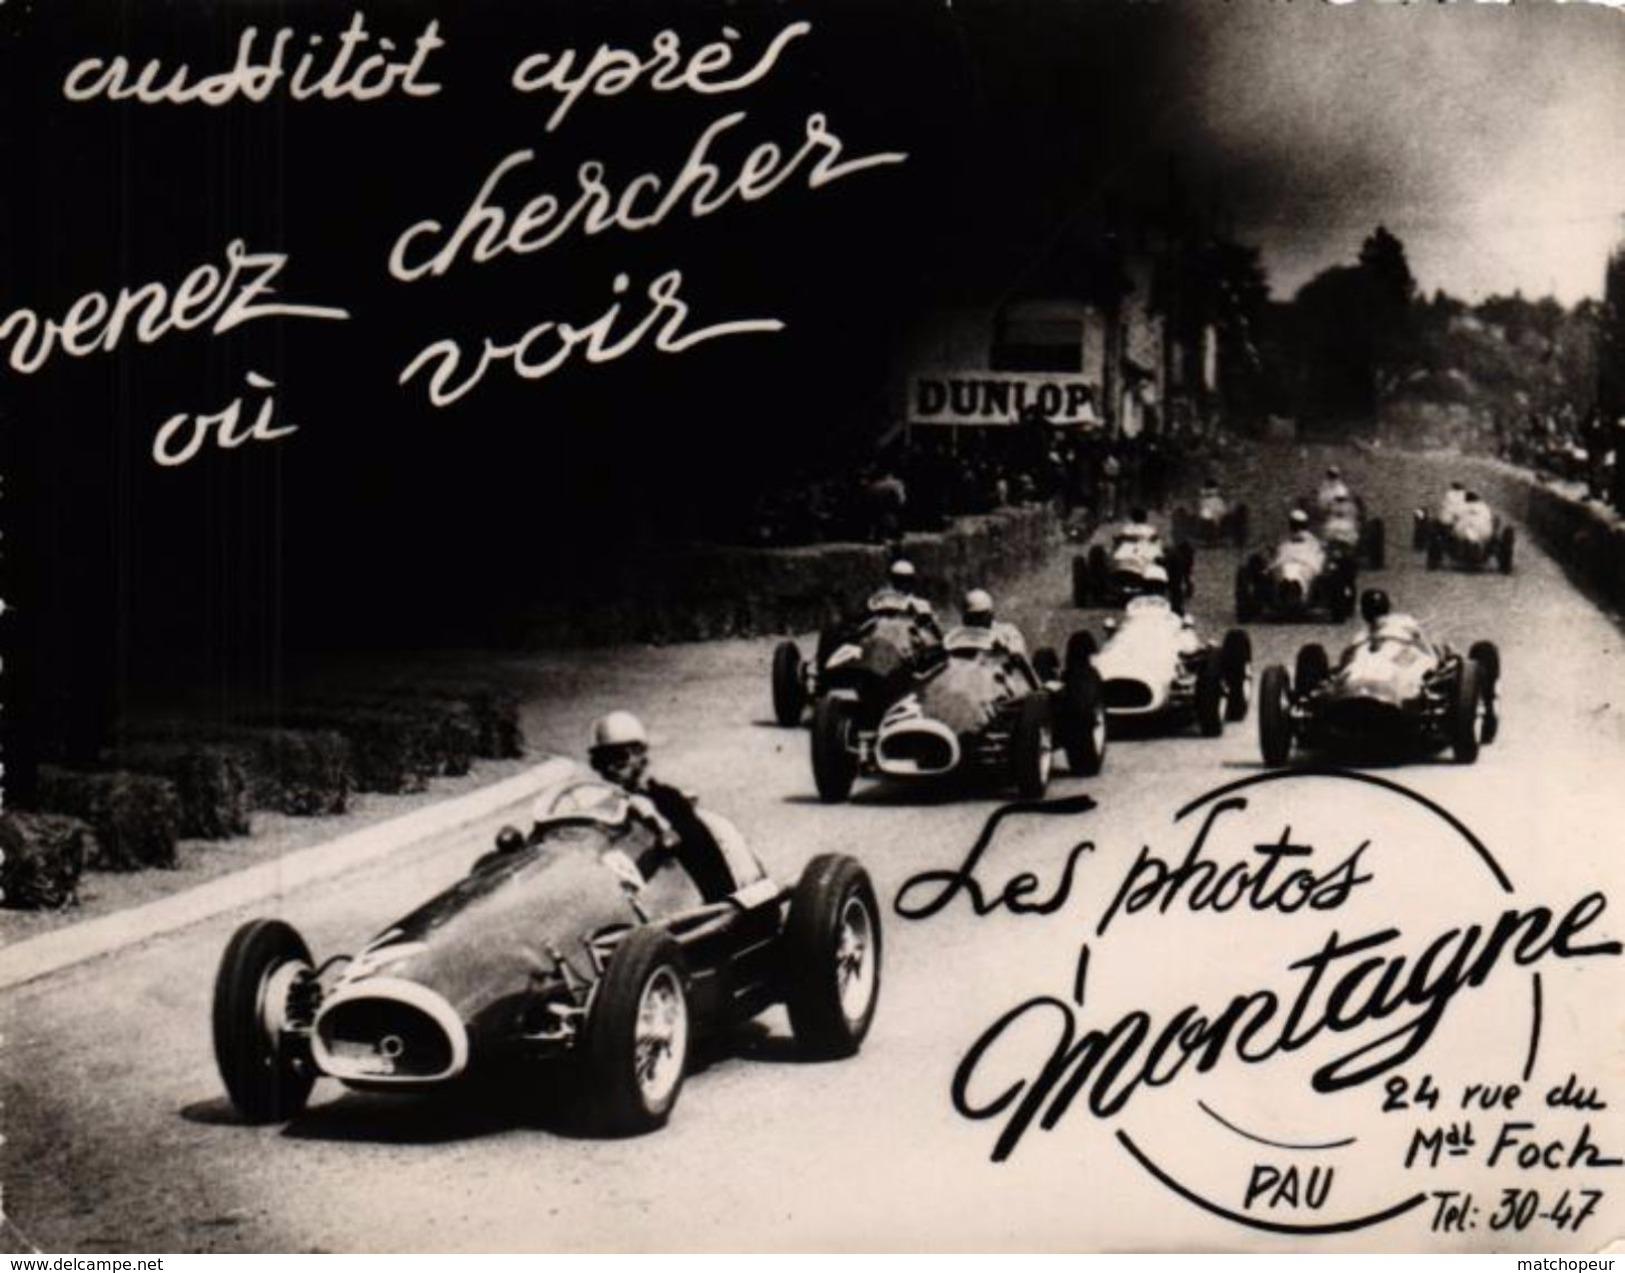 PHOTO ANCIENNE - COURSE AUTOMOBILE - LES PHOTOS MONTAGNE - PAU - AUSSITOT APRES VENEZ CHERCHER OU VOIR - Automobiles